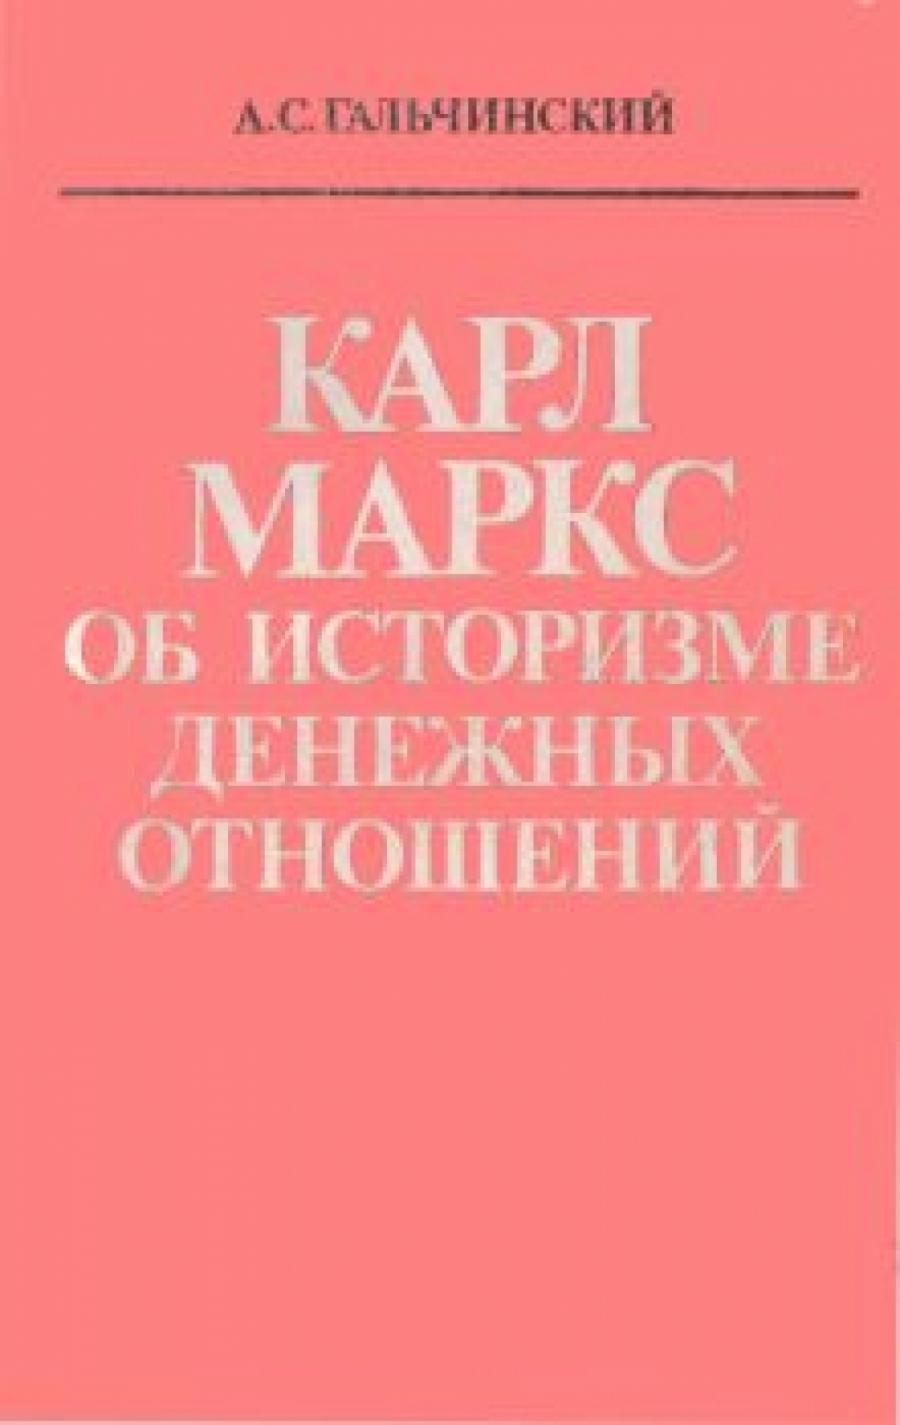 Обложка книги:  гальчинский а. с. - карл маркс об историзме денежных отношений